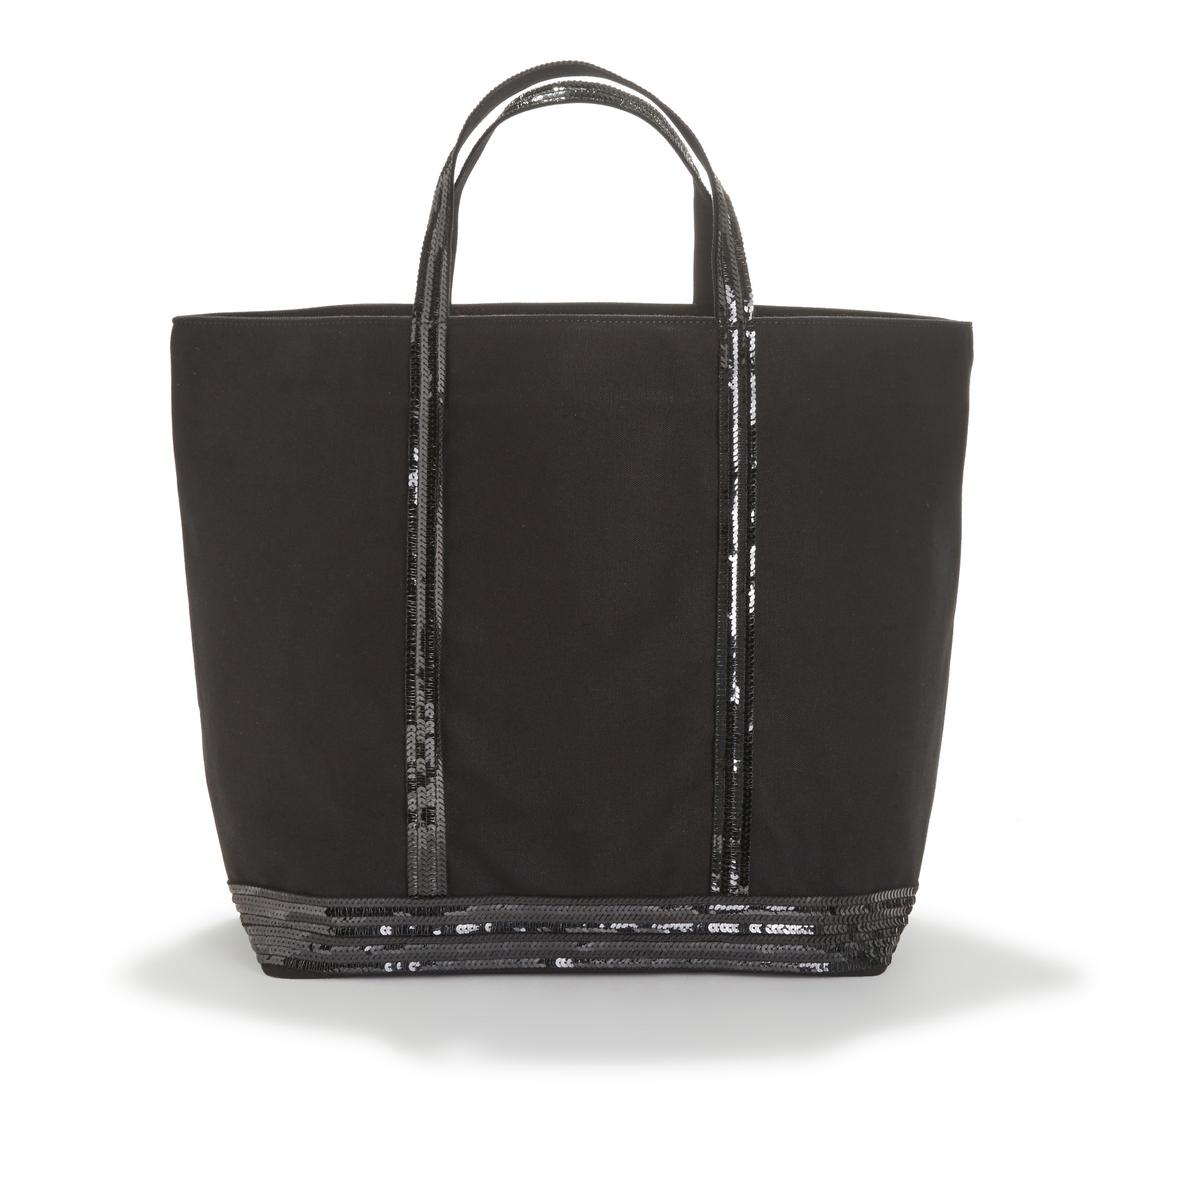 Фото - Сумка-шоппер La Redoute Большого размера из ткани с блестками единый размер черный сумка шоппер средняя из парусины с блестками